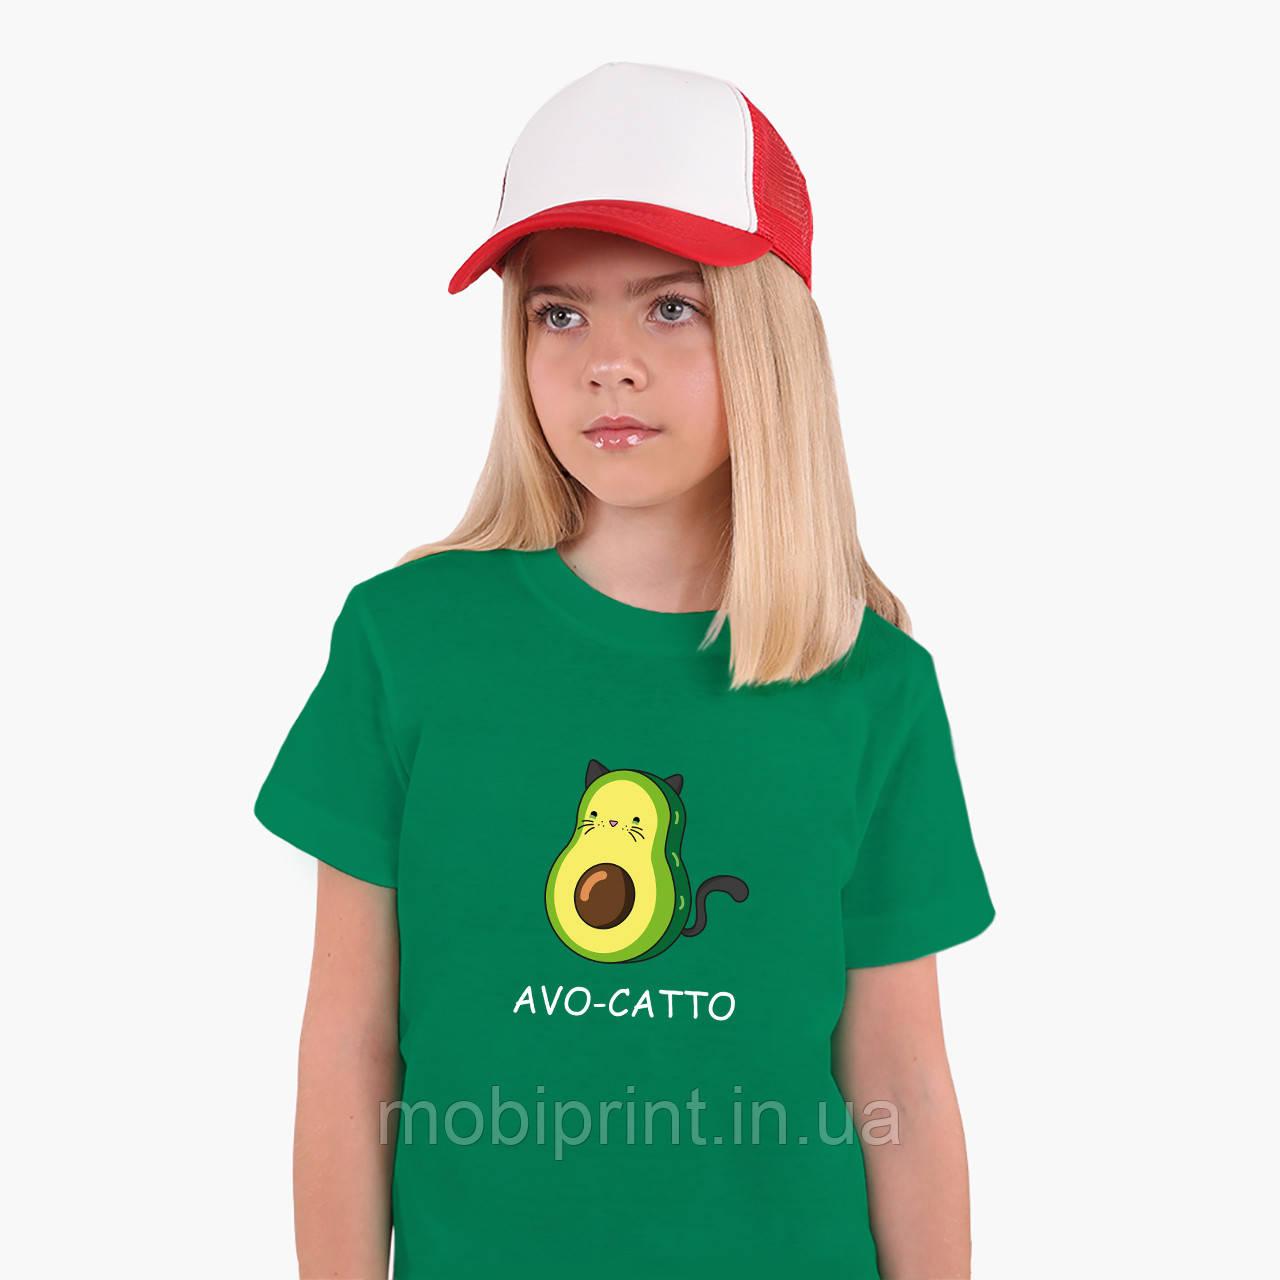 Детская футболка для девочек Авокадо (Avocado) (25186-1372) Зеленый